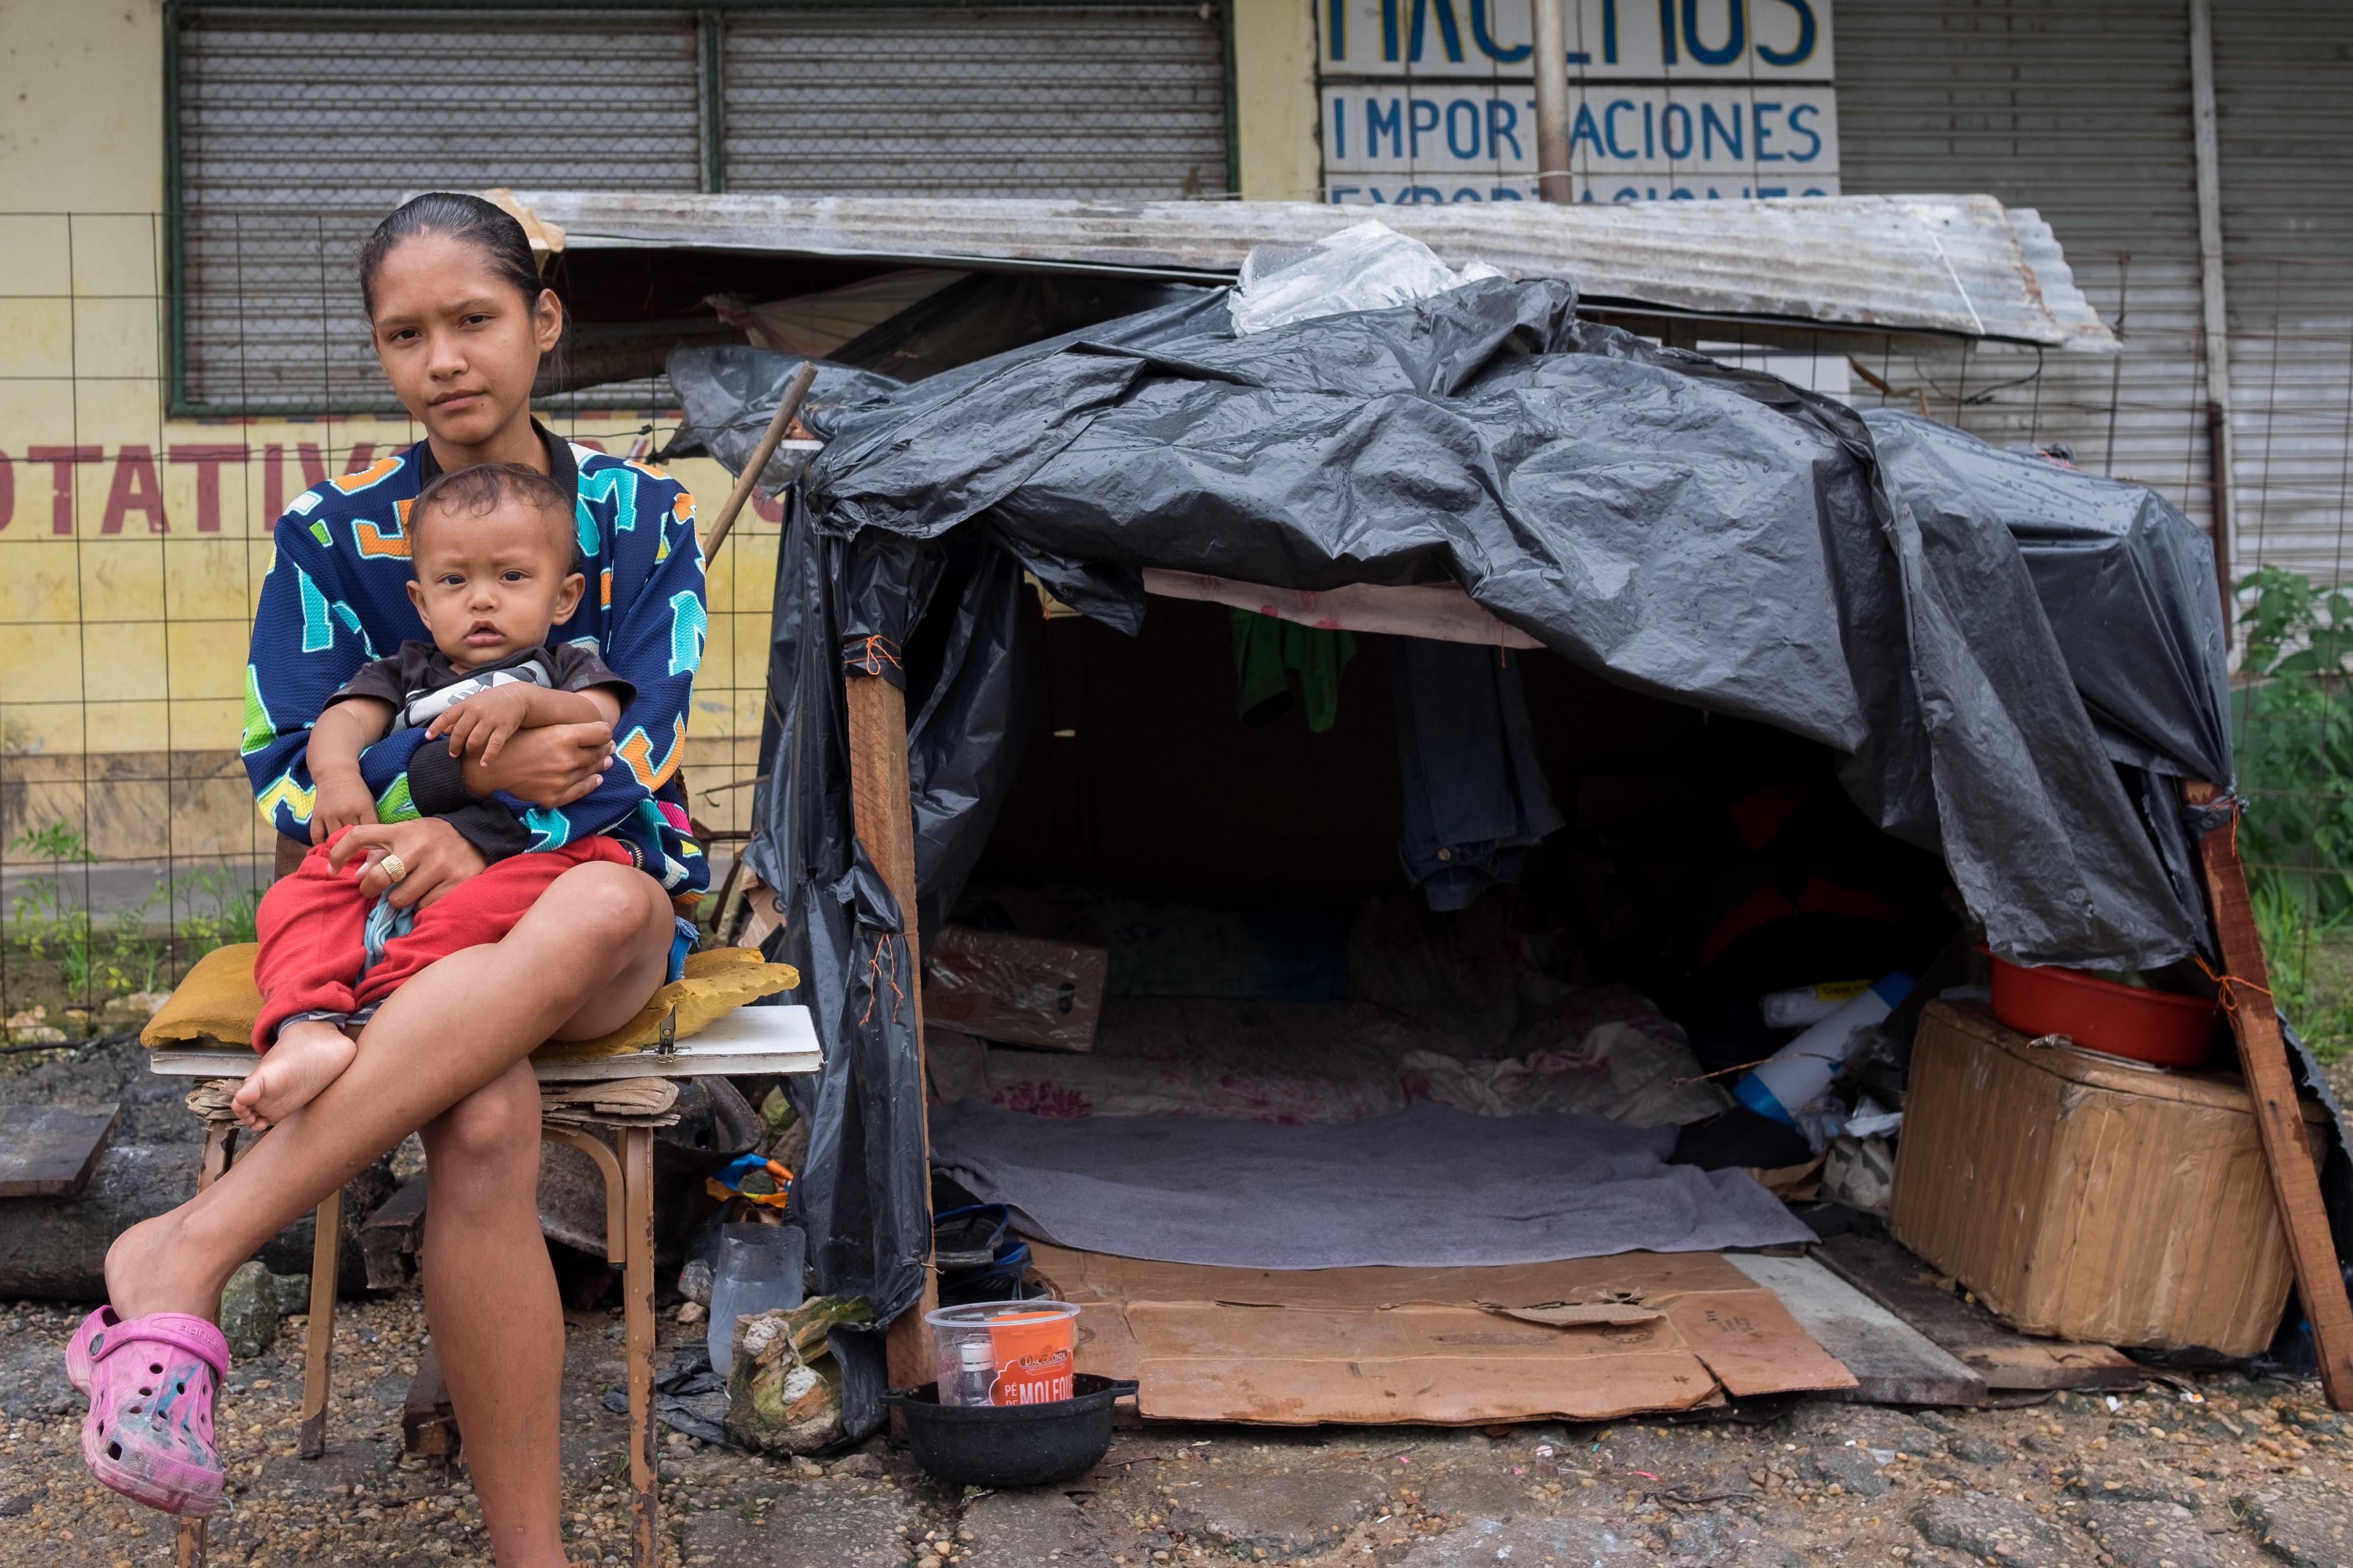 Sem dinheiro, venezuelanos acampam às margens de rodovia na fronteira do Brasil: 'aqui pelo menos temos comida'